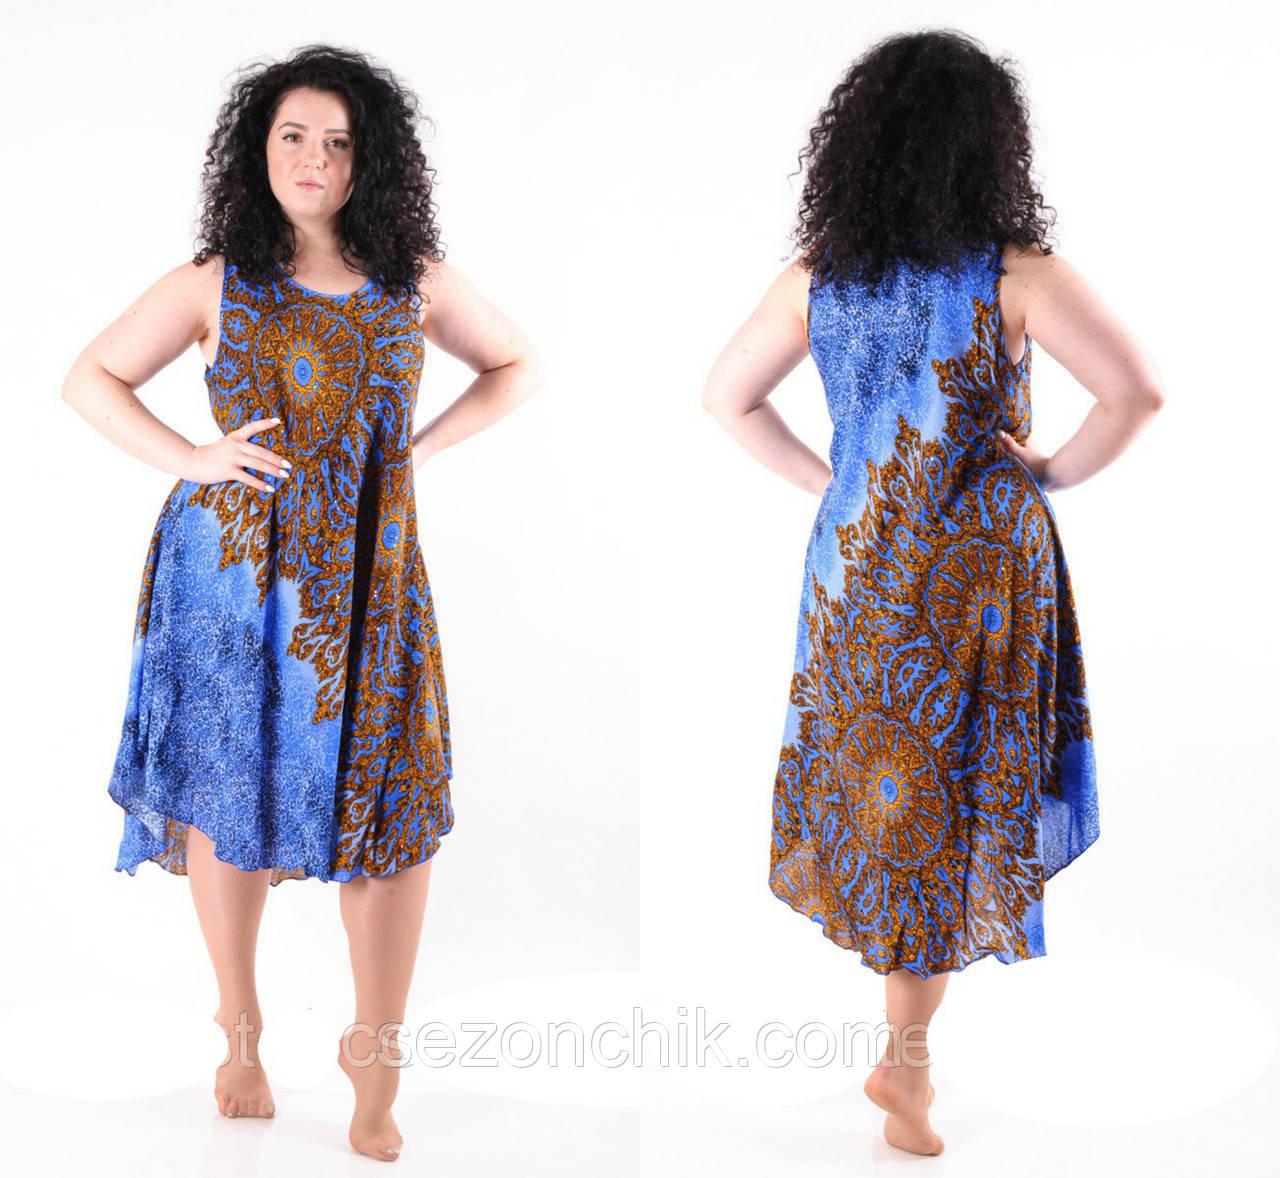 d70de3bb751 Женское летнее платье сарафан интернет магазин - Фабрика по пошиву верхней  детской одежды